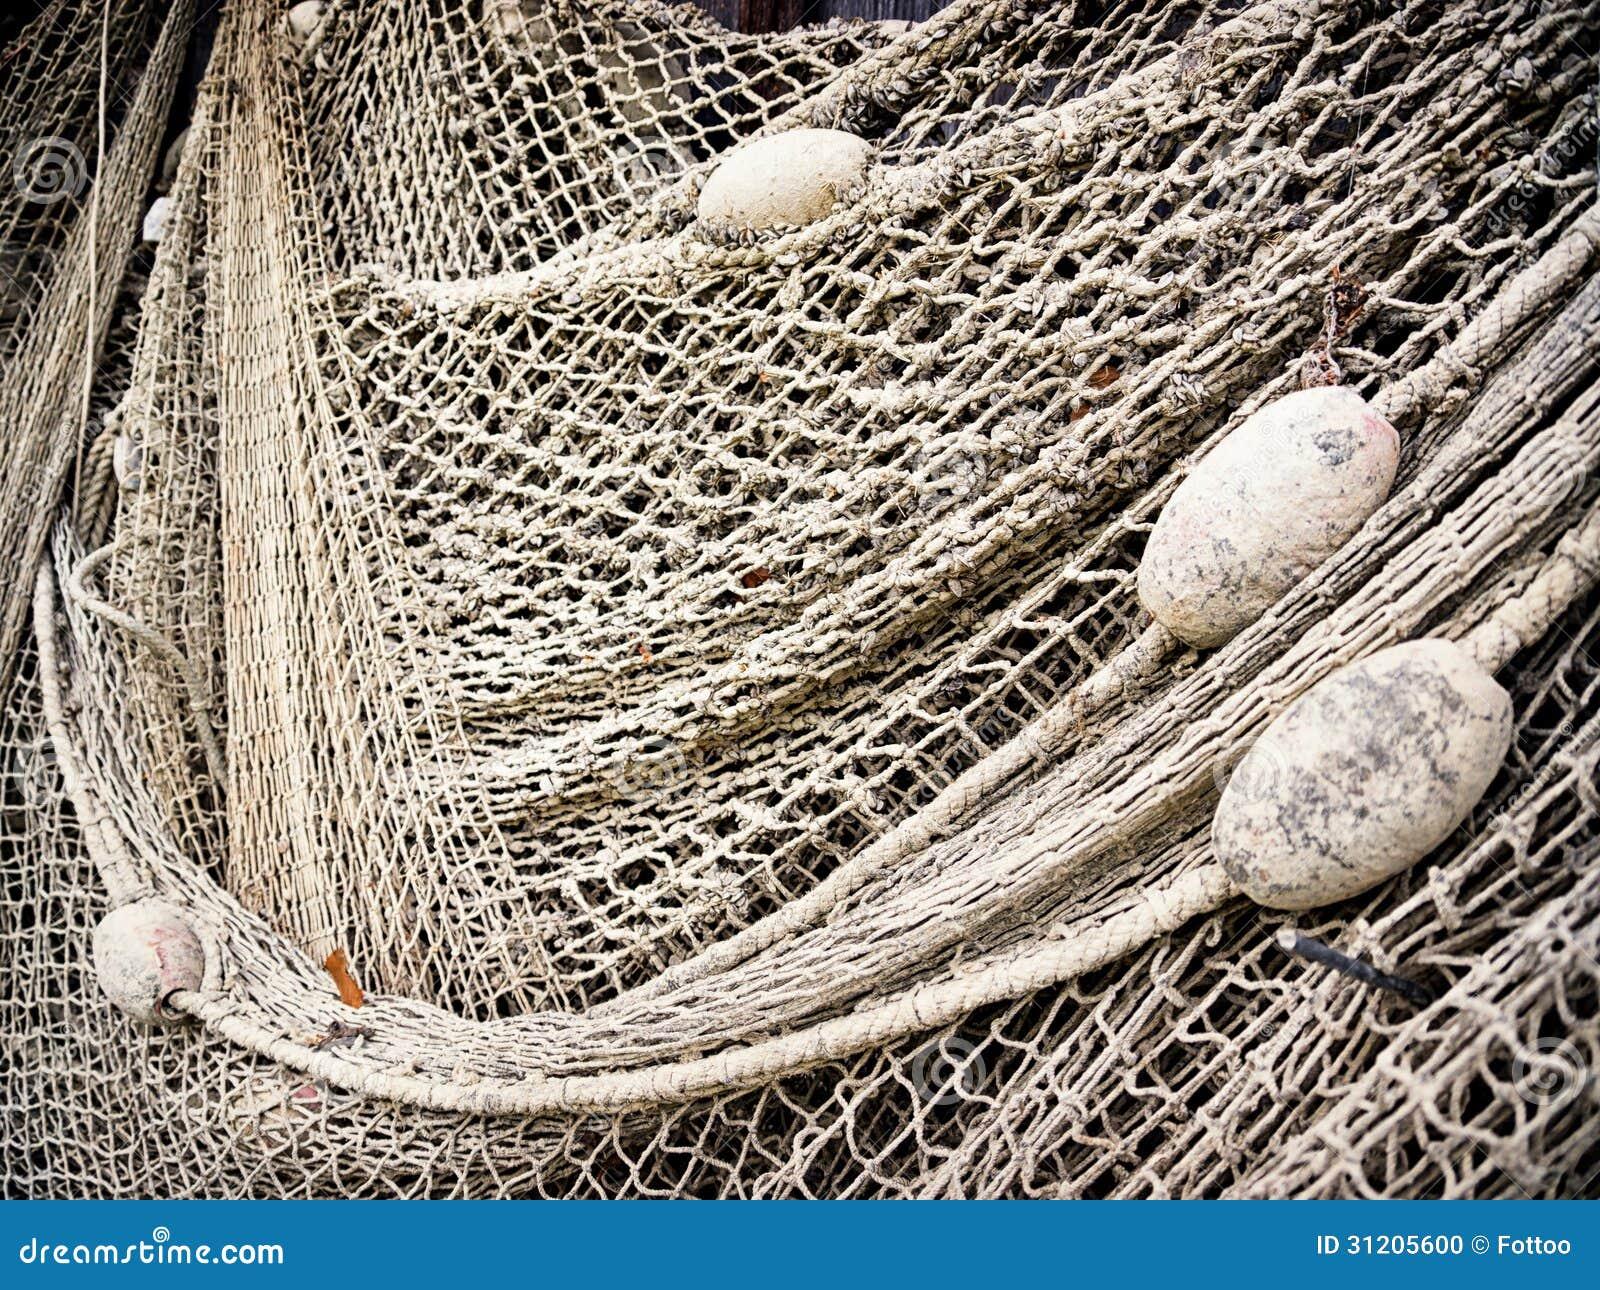 rete da pesca fotografia stock immagine di sciabica